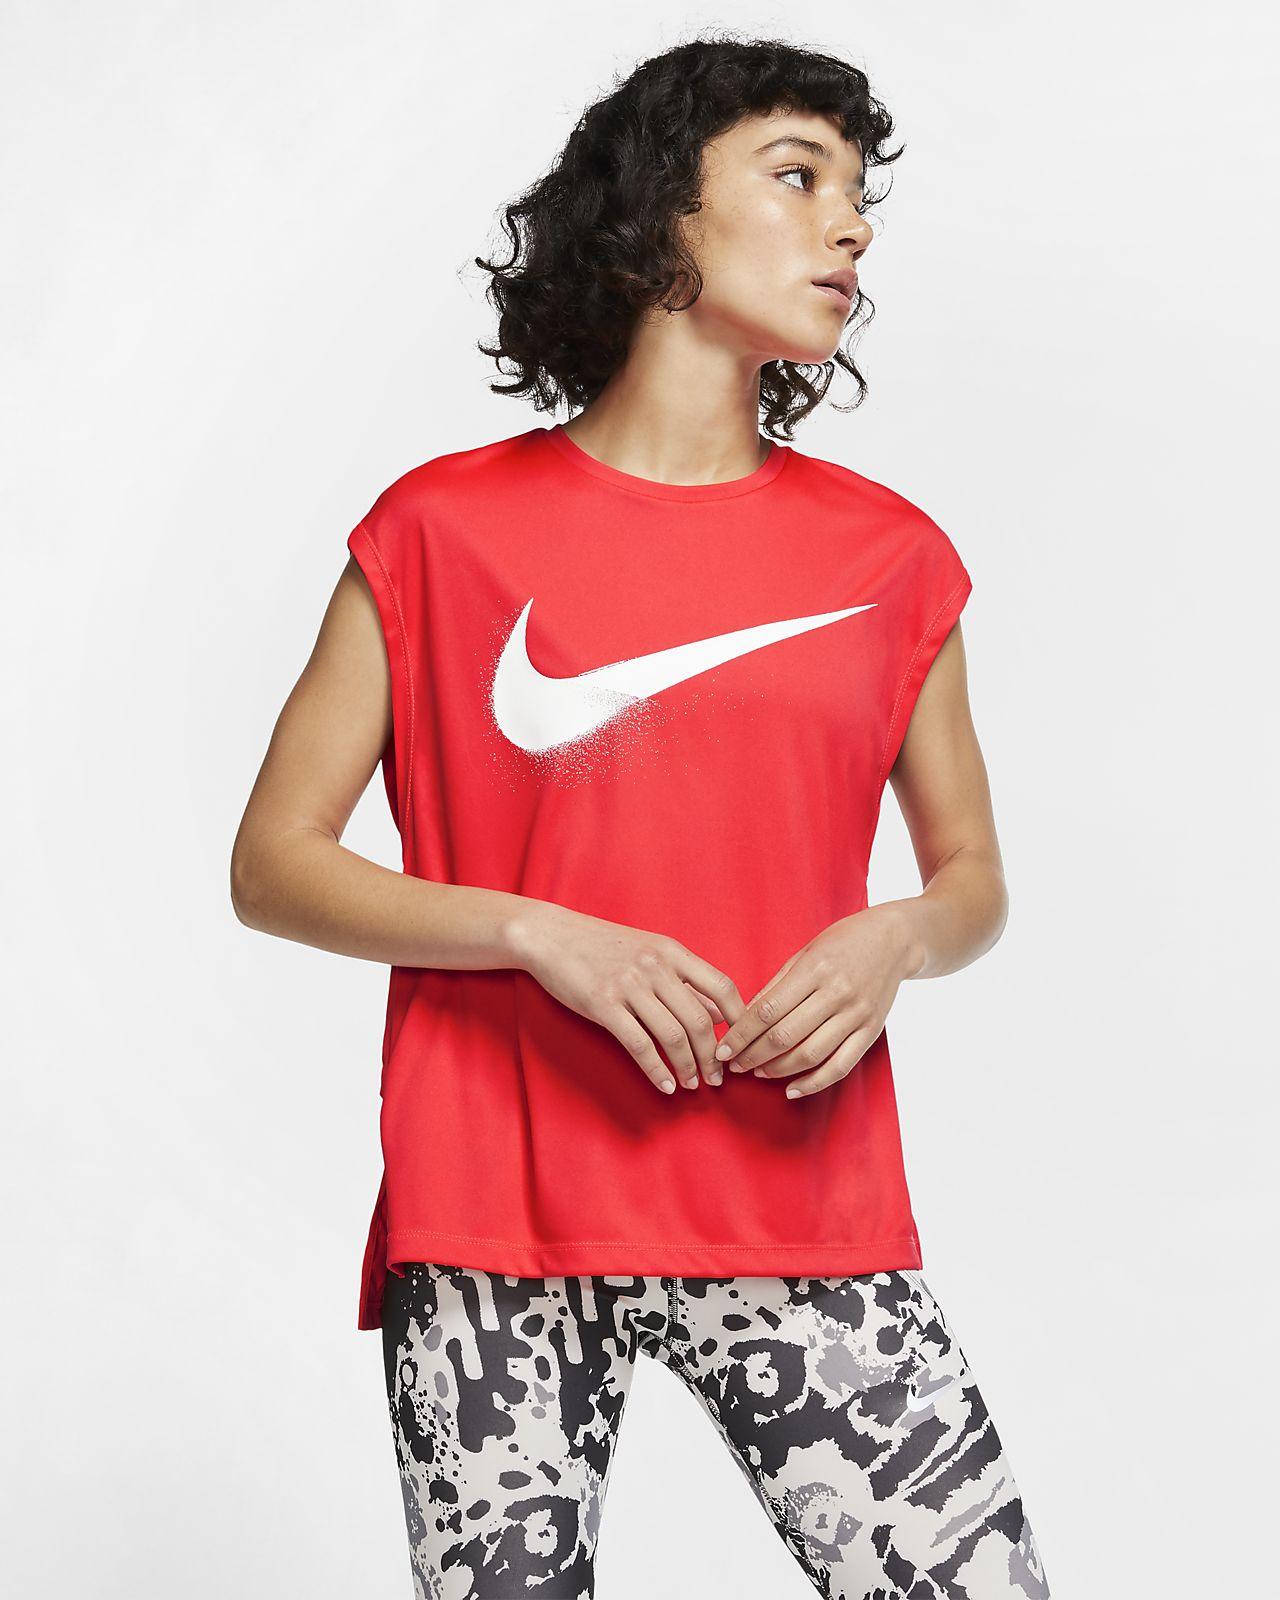 Женская беговая футболка с графикой Nike Dri-FIT